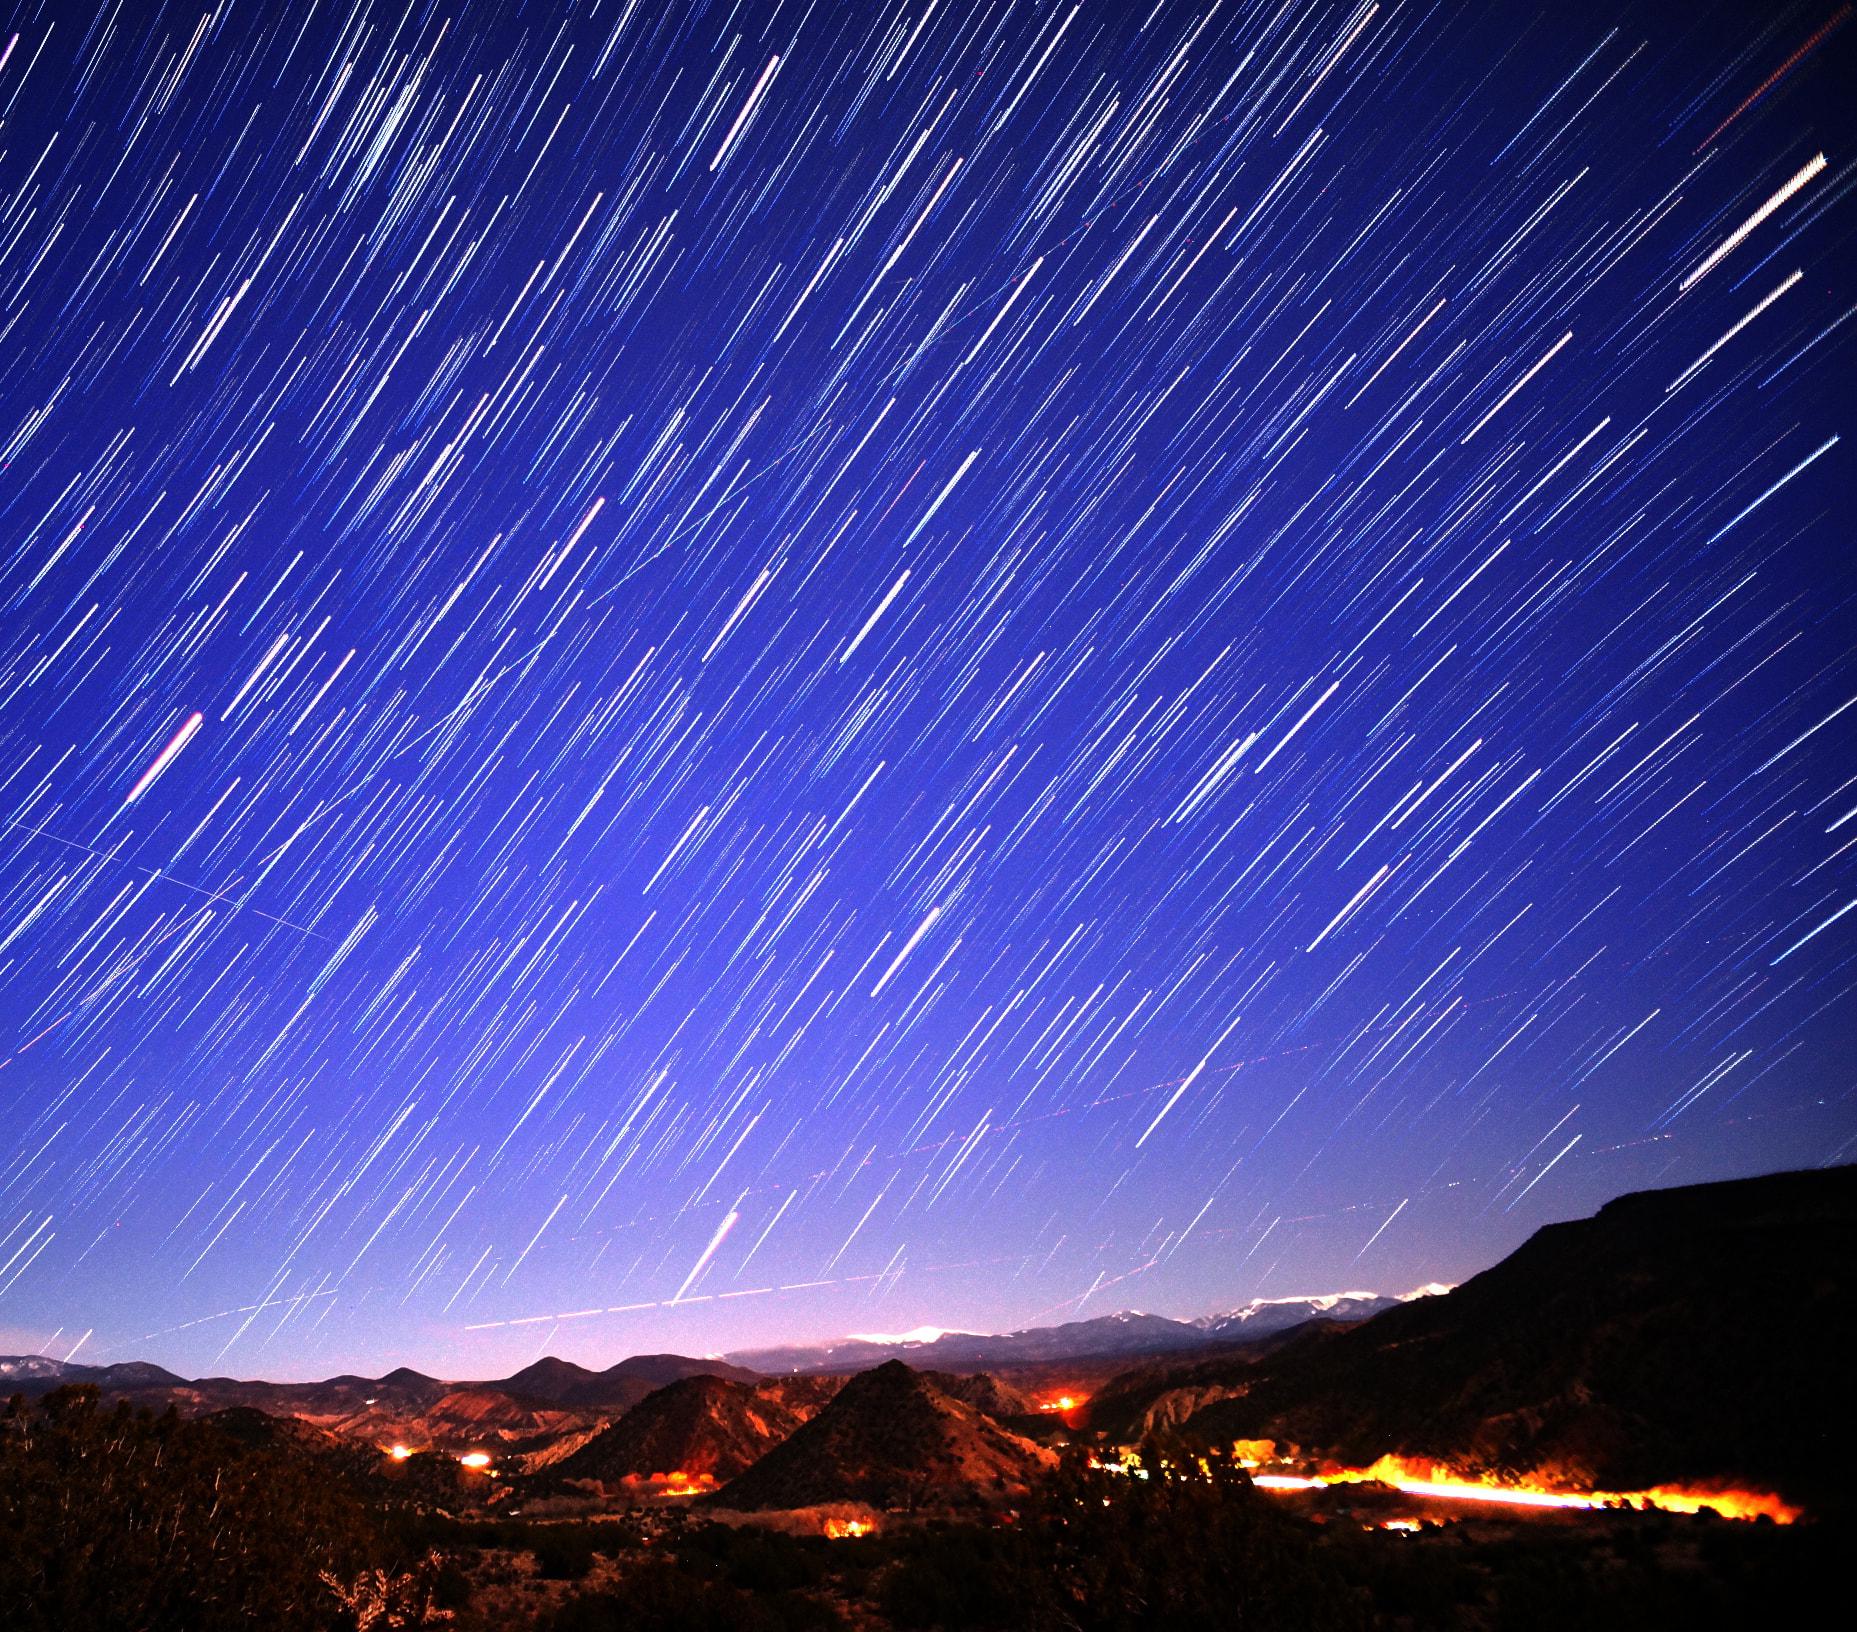 Haz exposiciones largas para capturar estrellas en movimiento